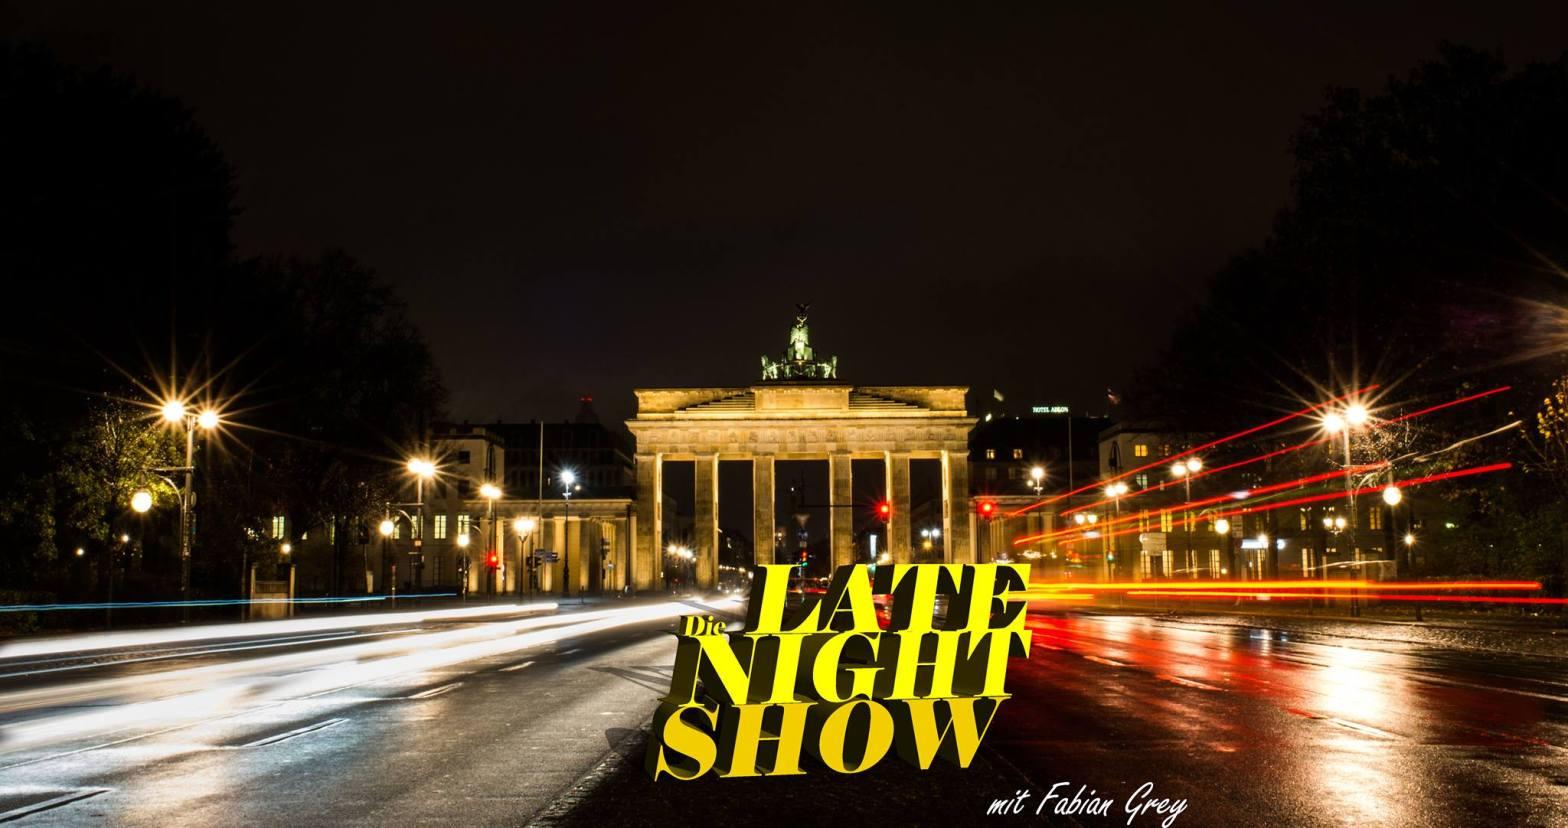 Live aus Berlin: Die Late Night Show - Treffpunkt